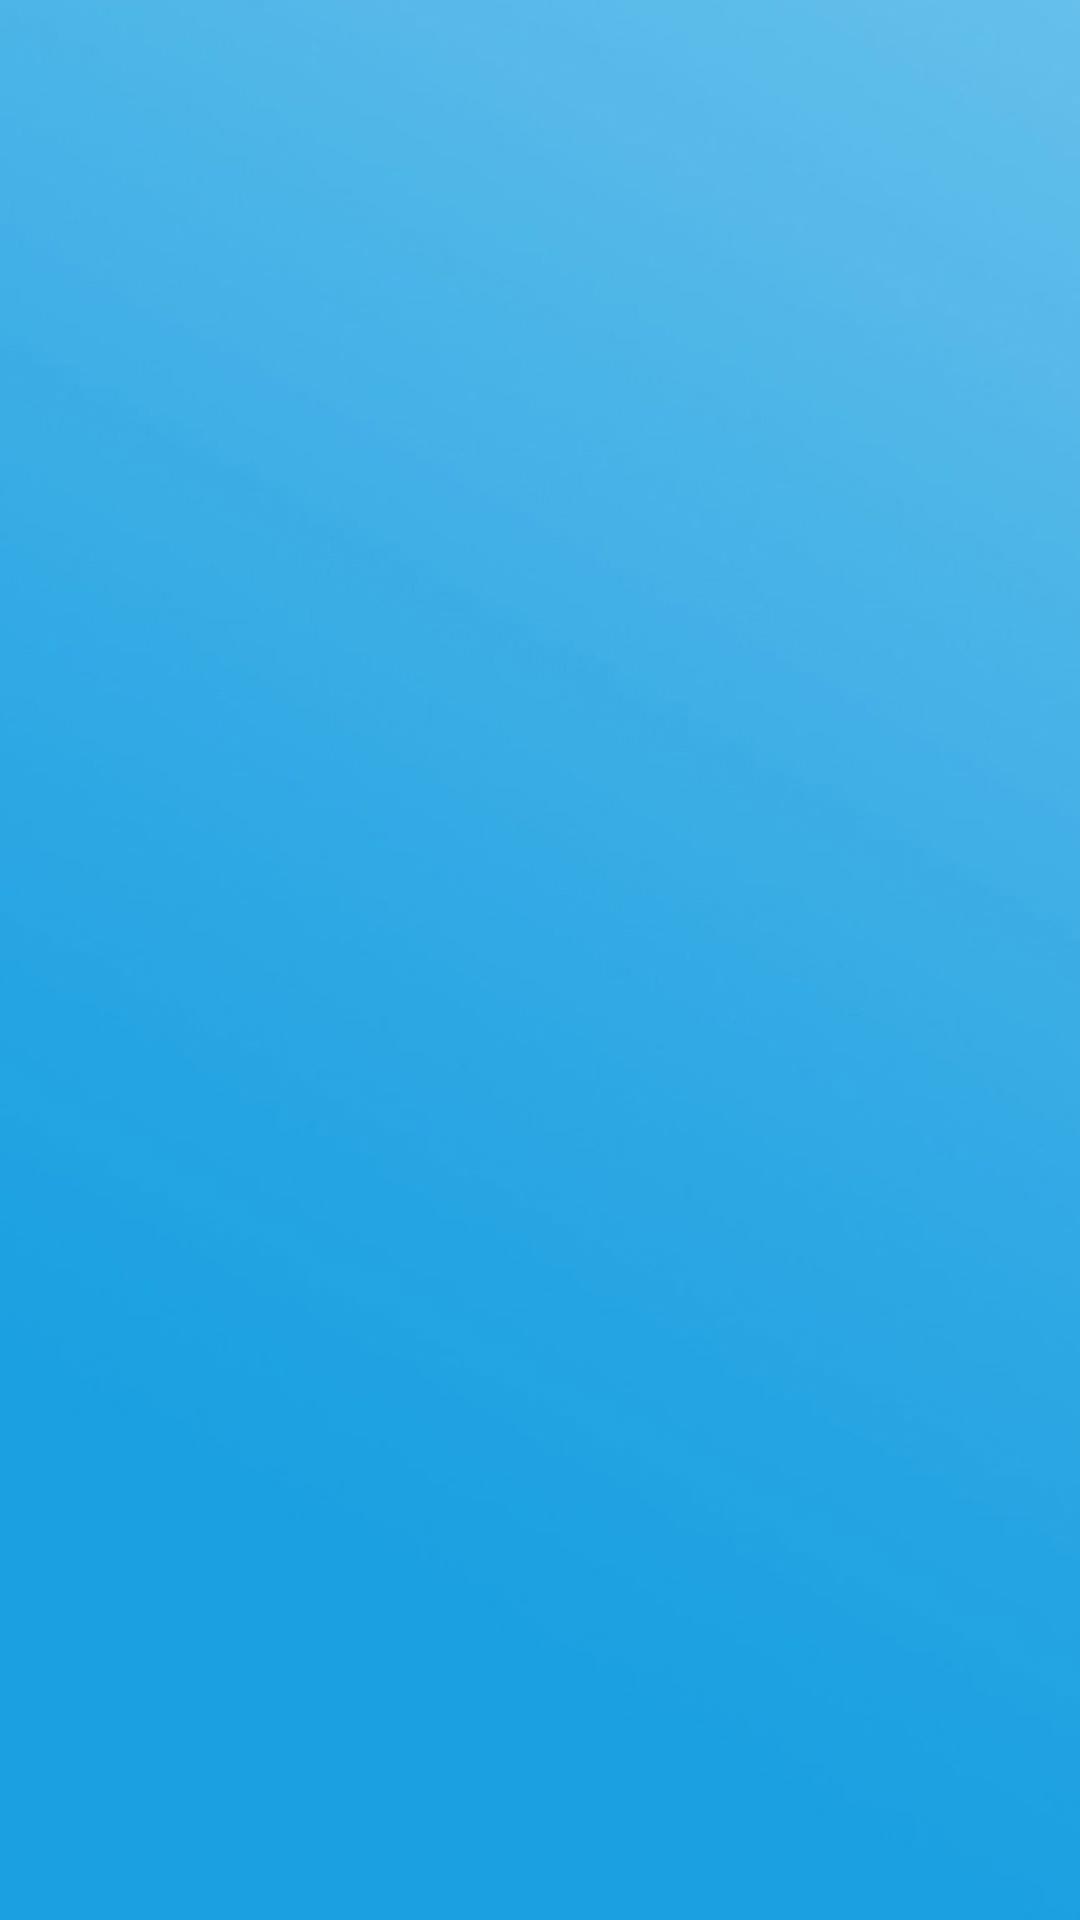 シンプルな水色 iPhone6 Plus壁紙